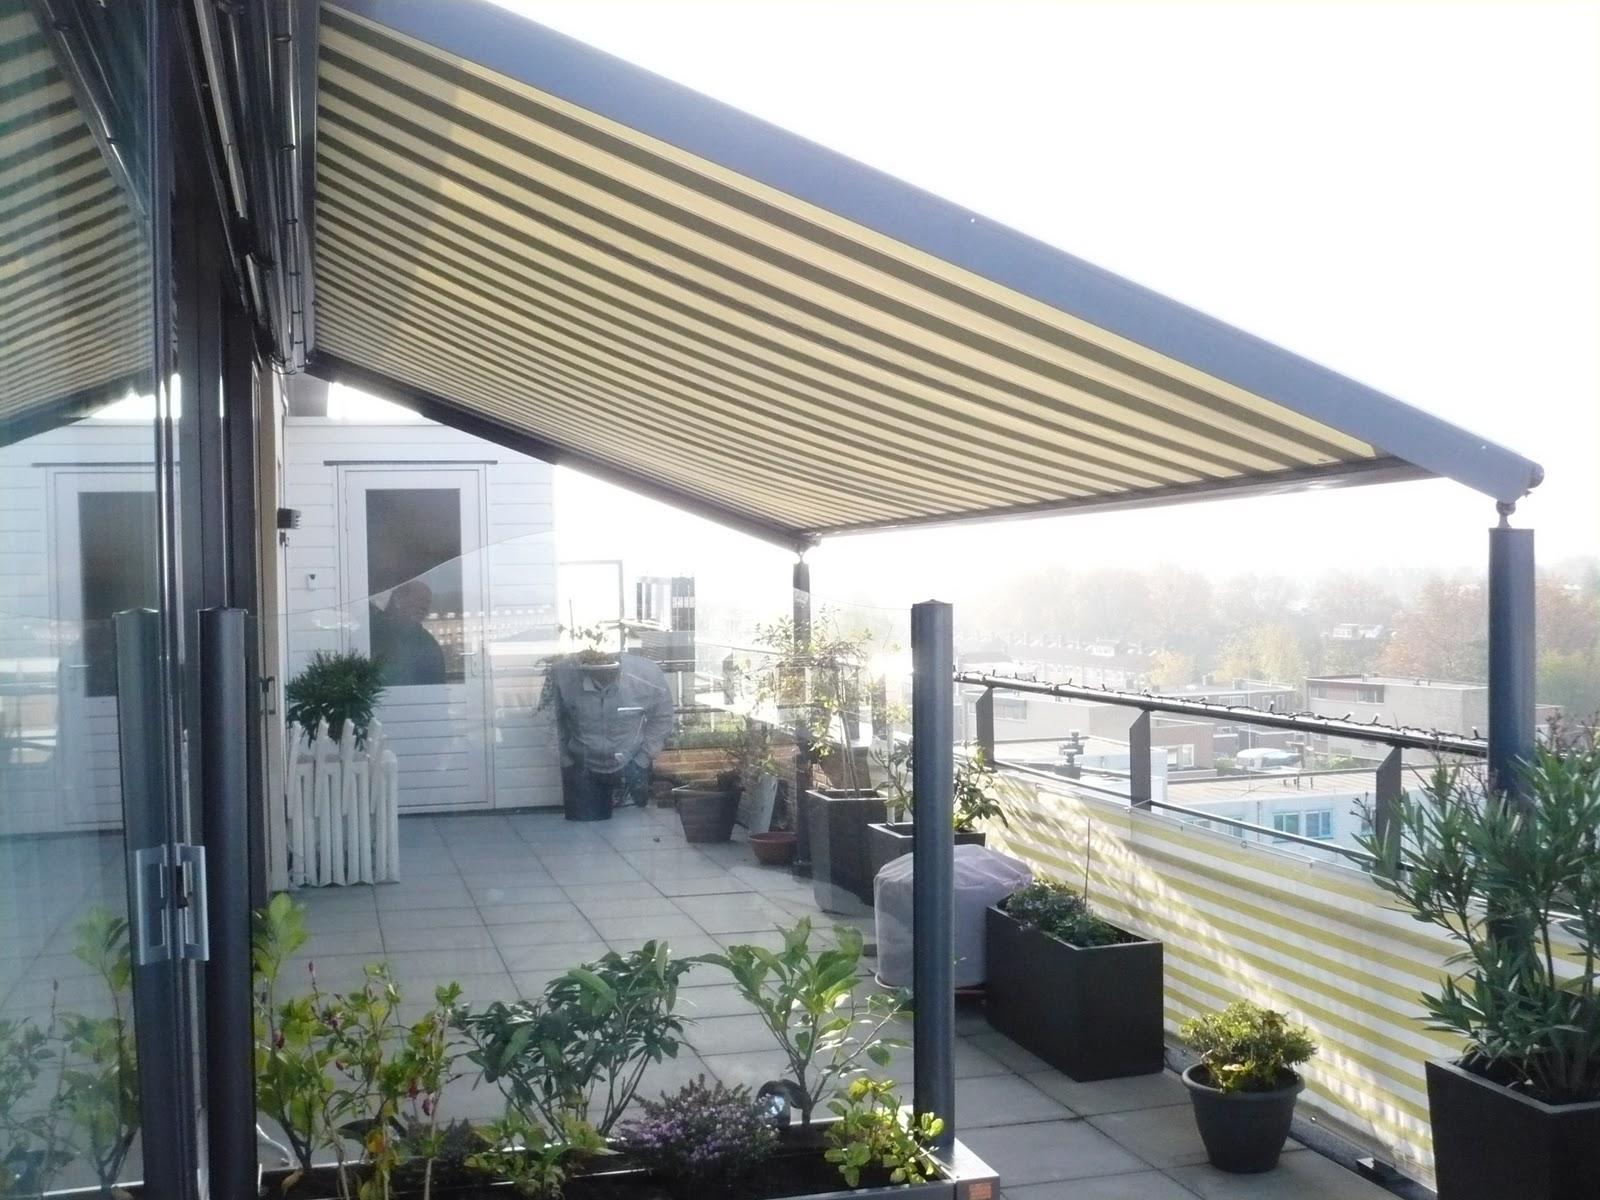 zonwering blog gestart plazahome van weinor geplaatst in. Black Bedroom Furniture Sets. Home Design Ideas